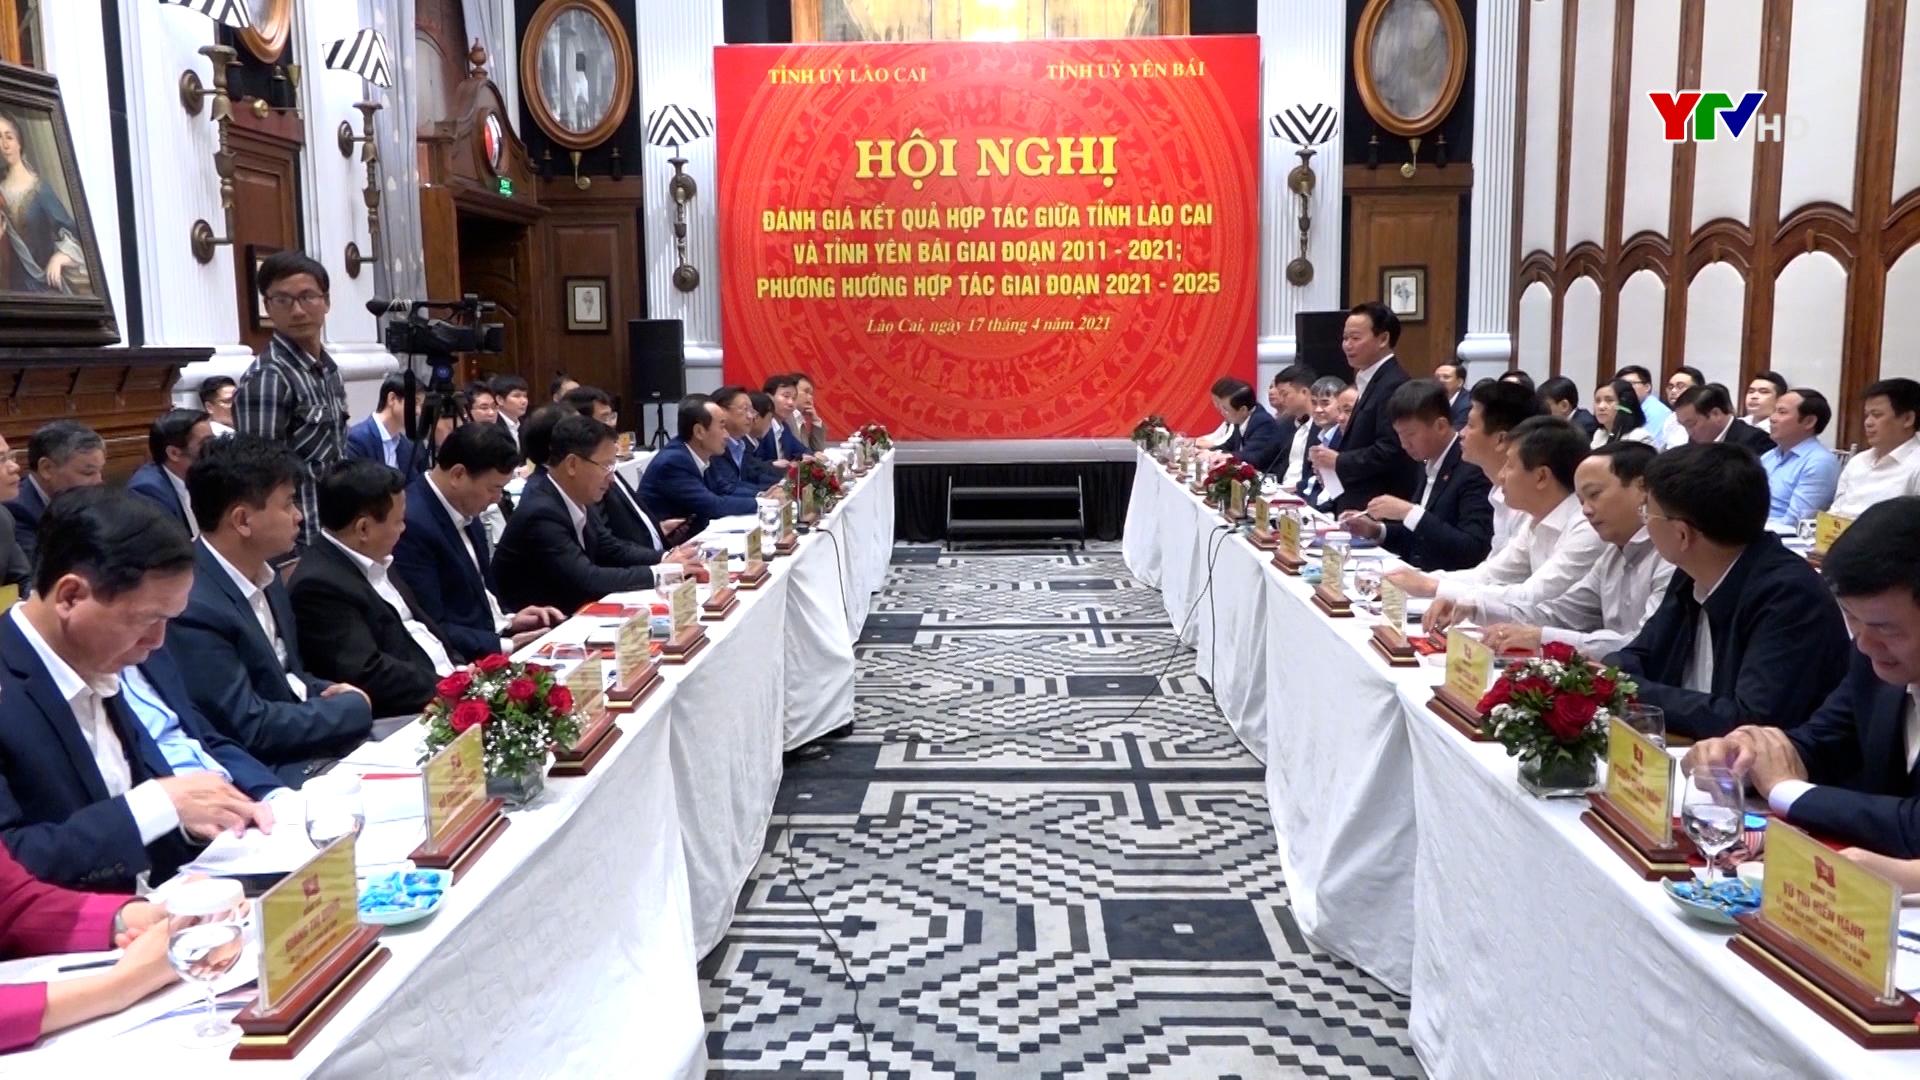 Hội nghị đánh giá kết quả hợp tác giữa tỉnh Lào Cai và tỉnh Yên Bái giai đoạn 2011 – 2021 và triển khai phương hướng hợp tác giai đoạn 2021 – 2025